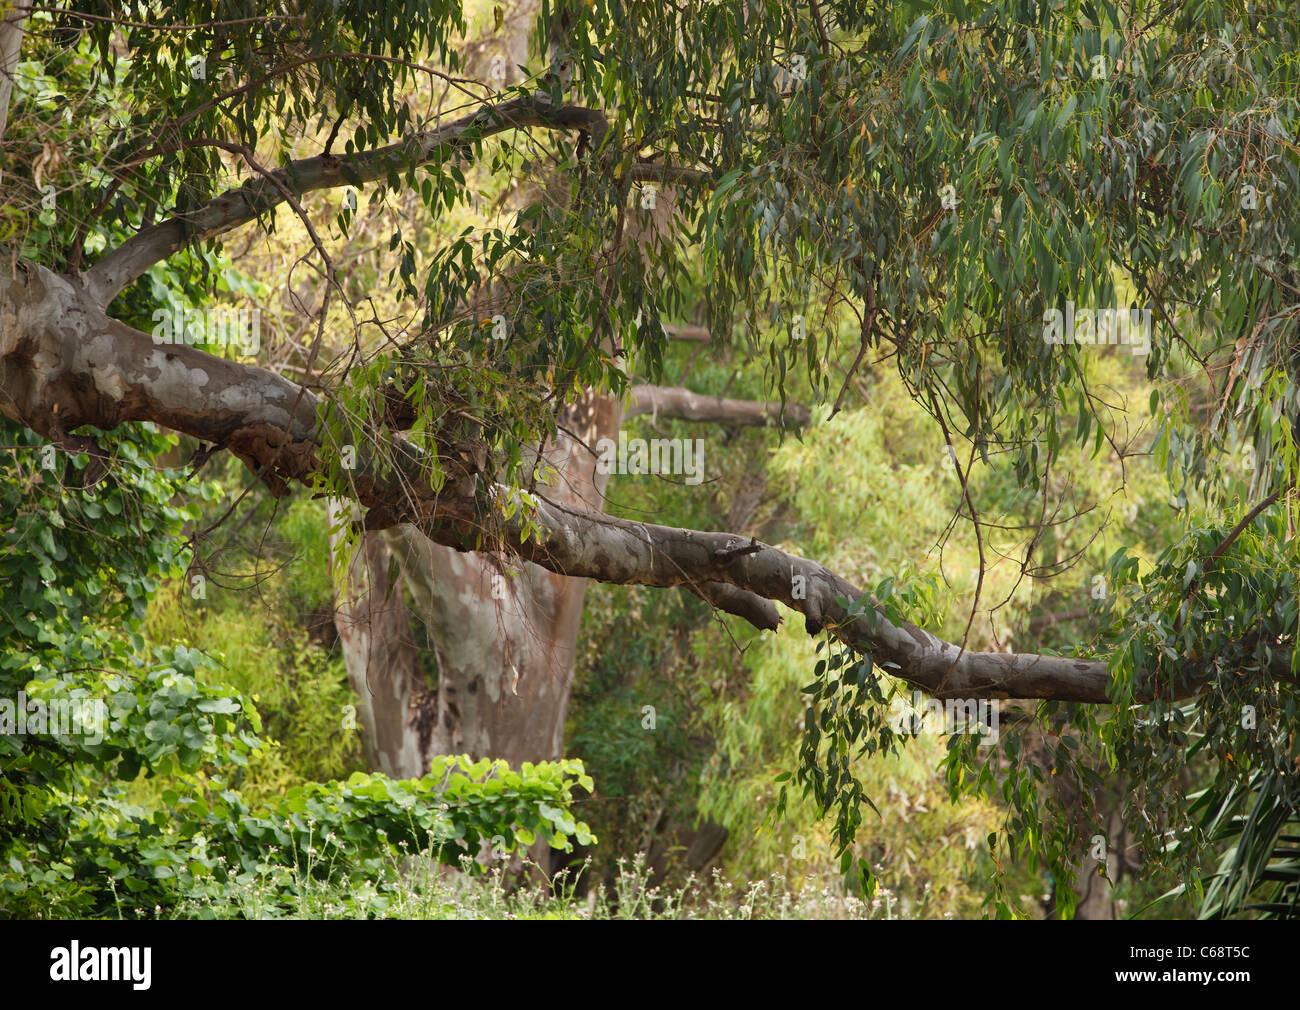 Grünen Zweig der Grossbaum Kreuzung Bild mit kräftigen Stamm von einem anderen Baum hinter. Stockbild